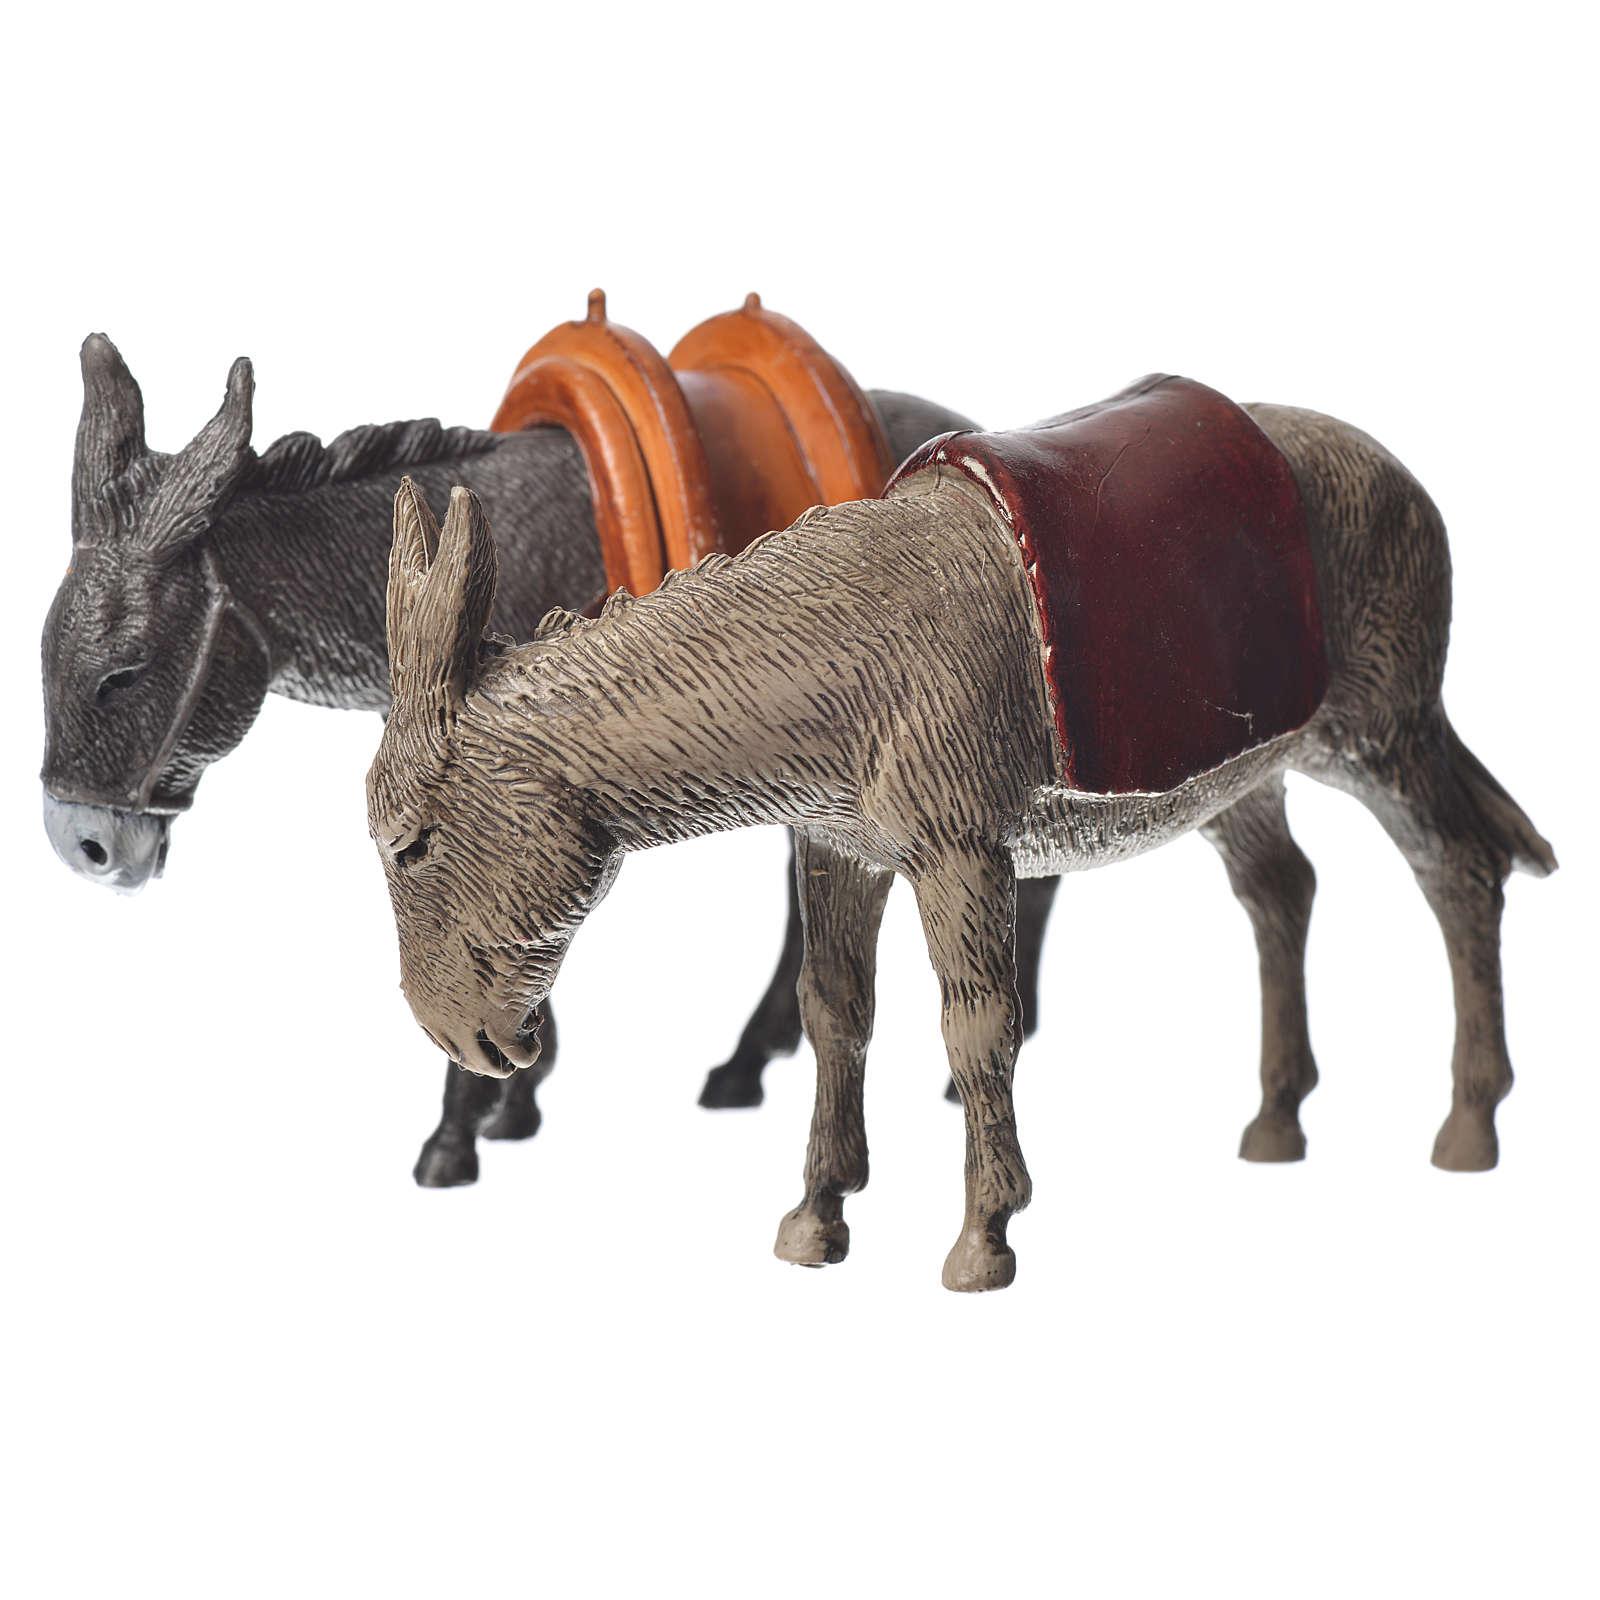 Nativity Scene Donkeys by Moranduzzo 10cm, 2 pieces 4